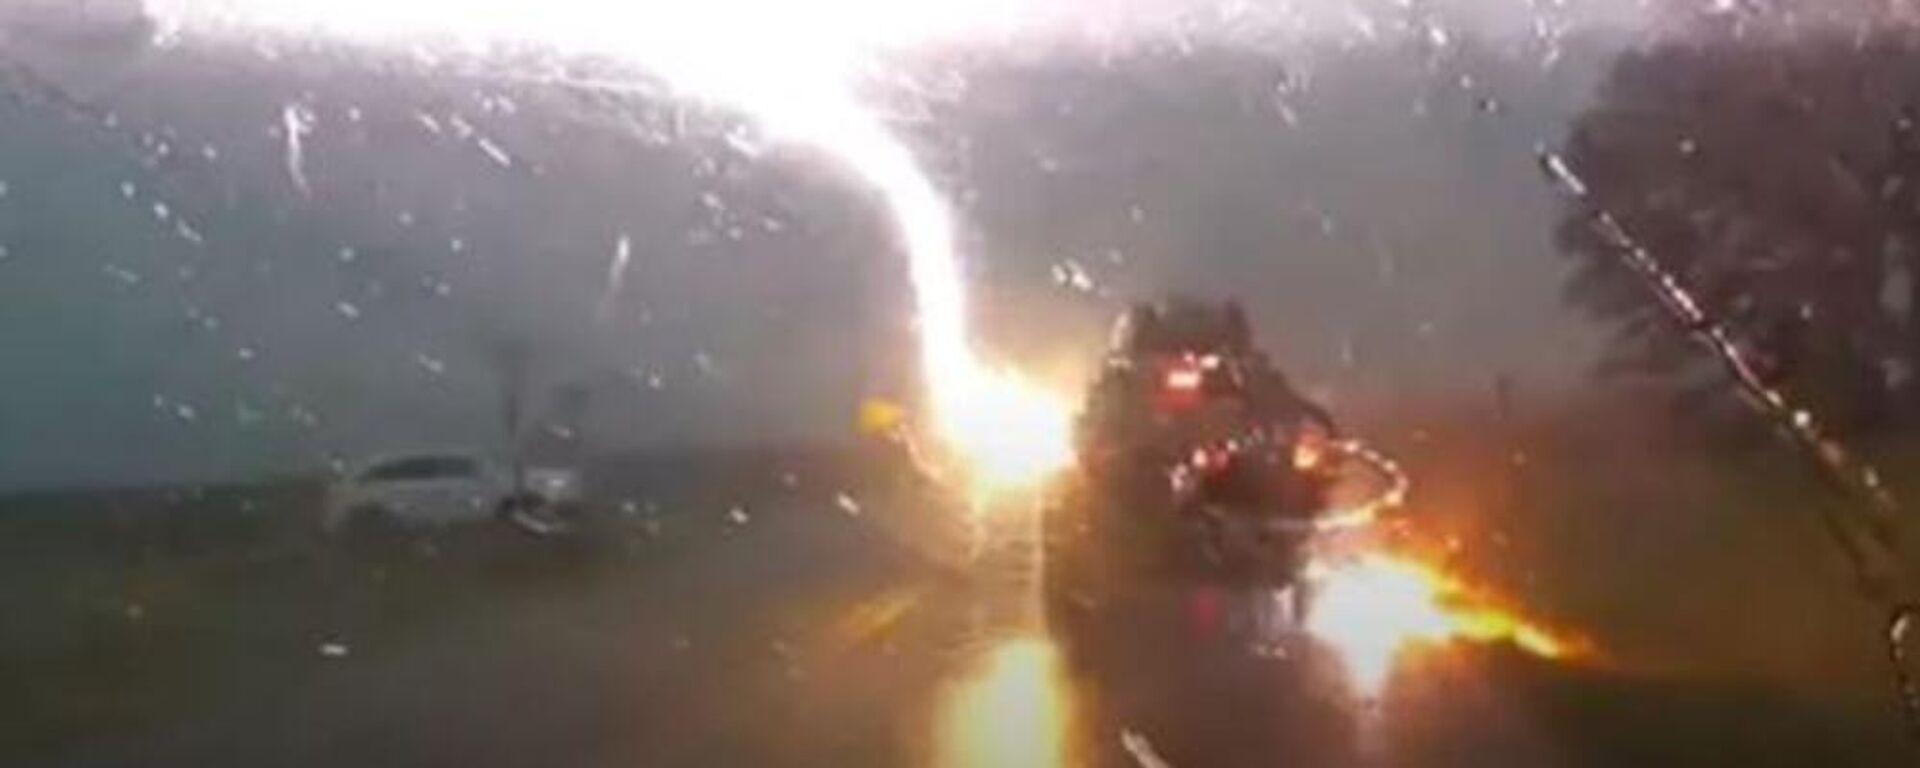 Κεραυνός χτυπάει αμάξι πενταμελούς οικογένειας στο Κάνσας των ΗΠΑ - Sputnik Ελλάδα, 1920, 04.07.2021